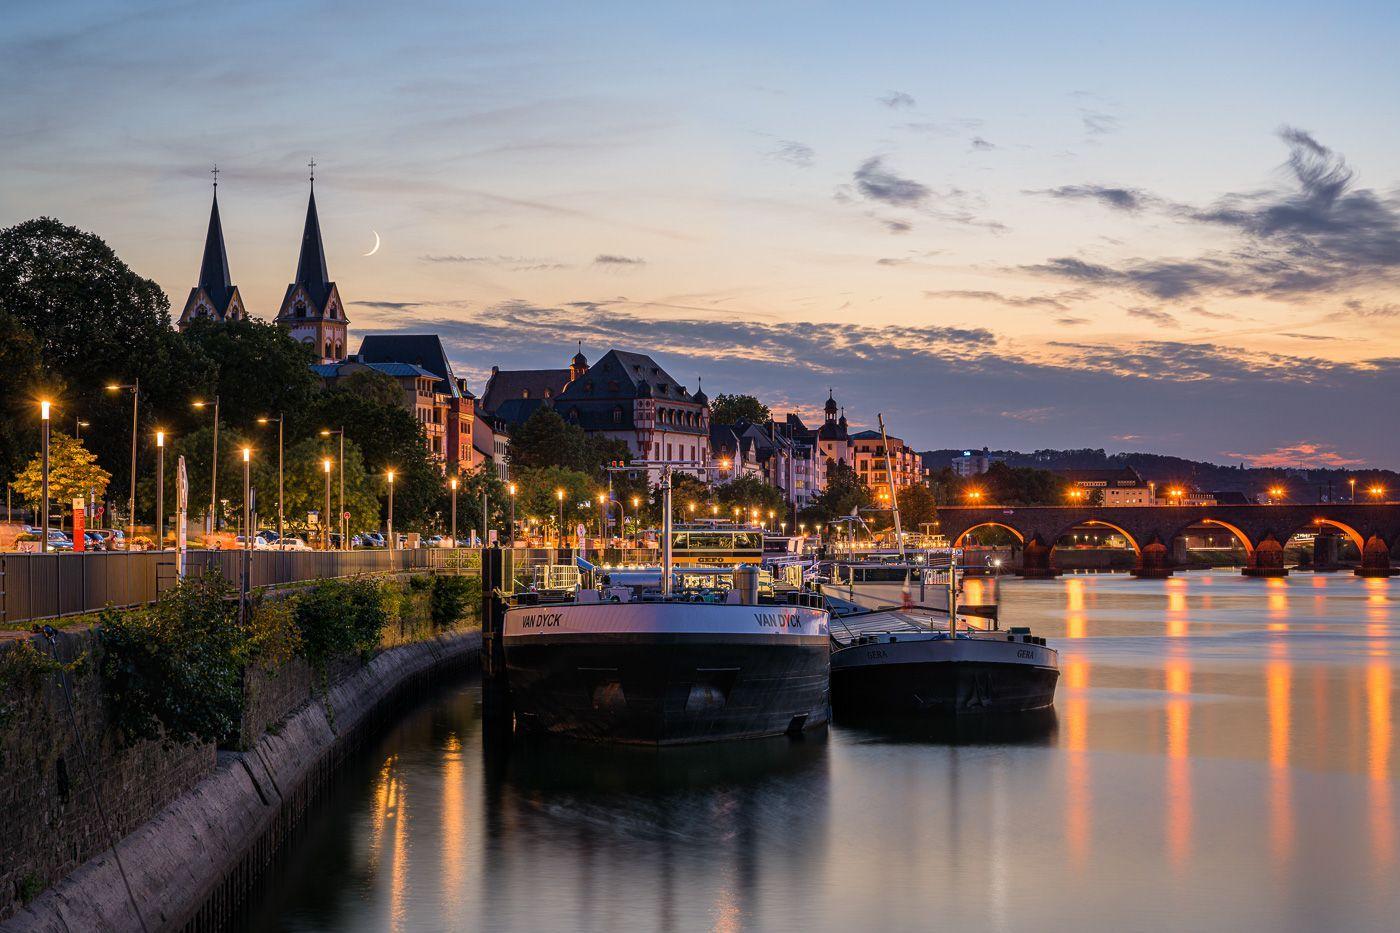 Jahresrückblick 2020 - September - Peter-Altmeier-Ufer in Koblenz